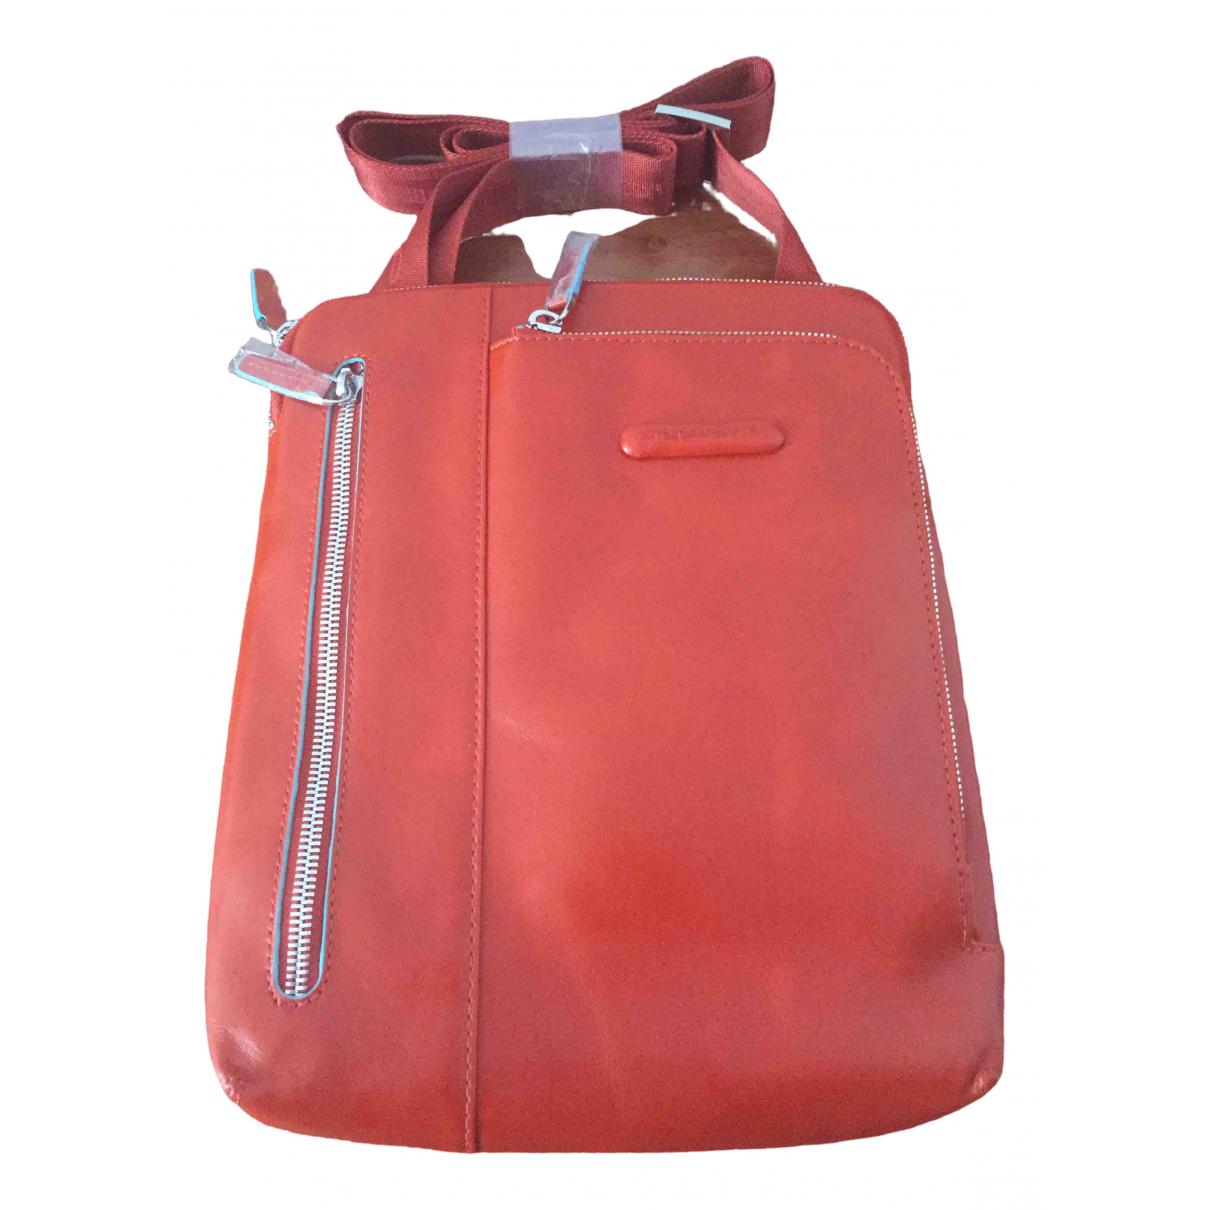 Piquadro \N Orange Leather handbag for Women \N